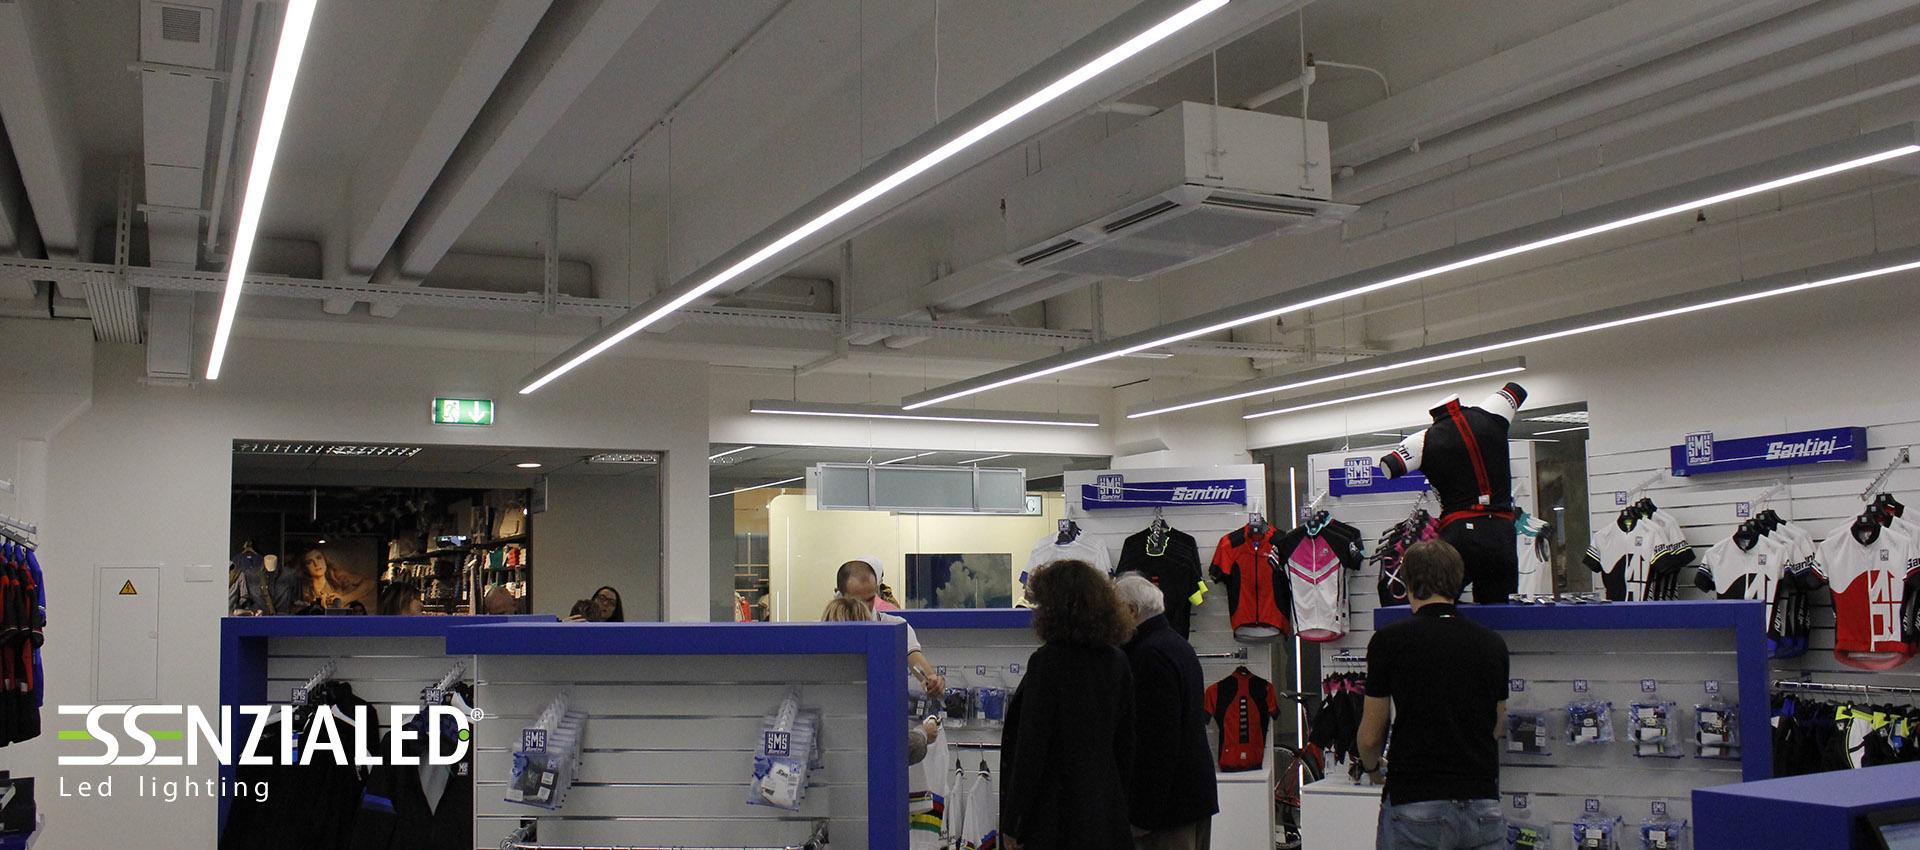 illuminazione led per negozi made in italy